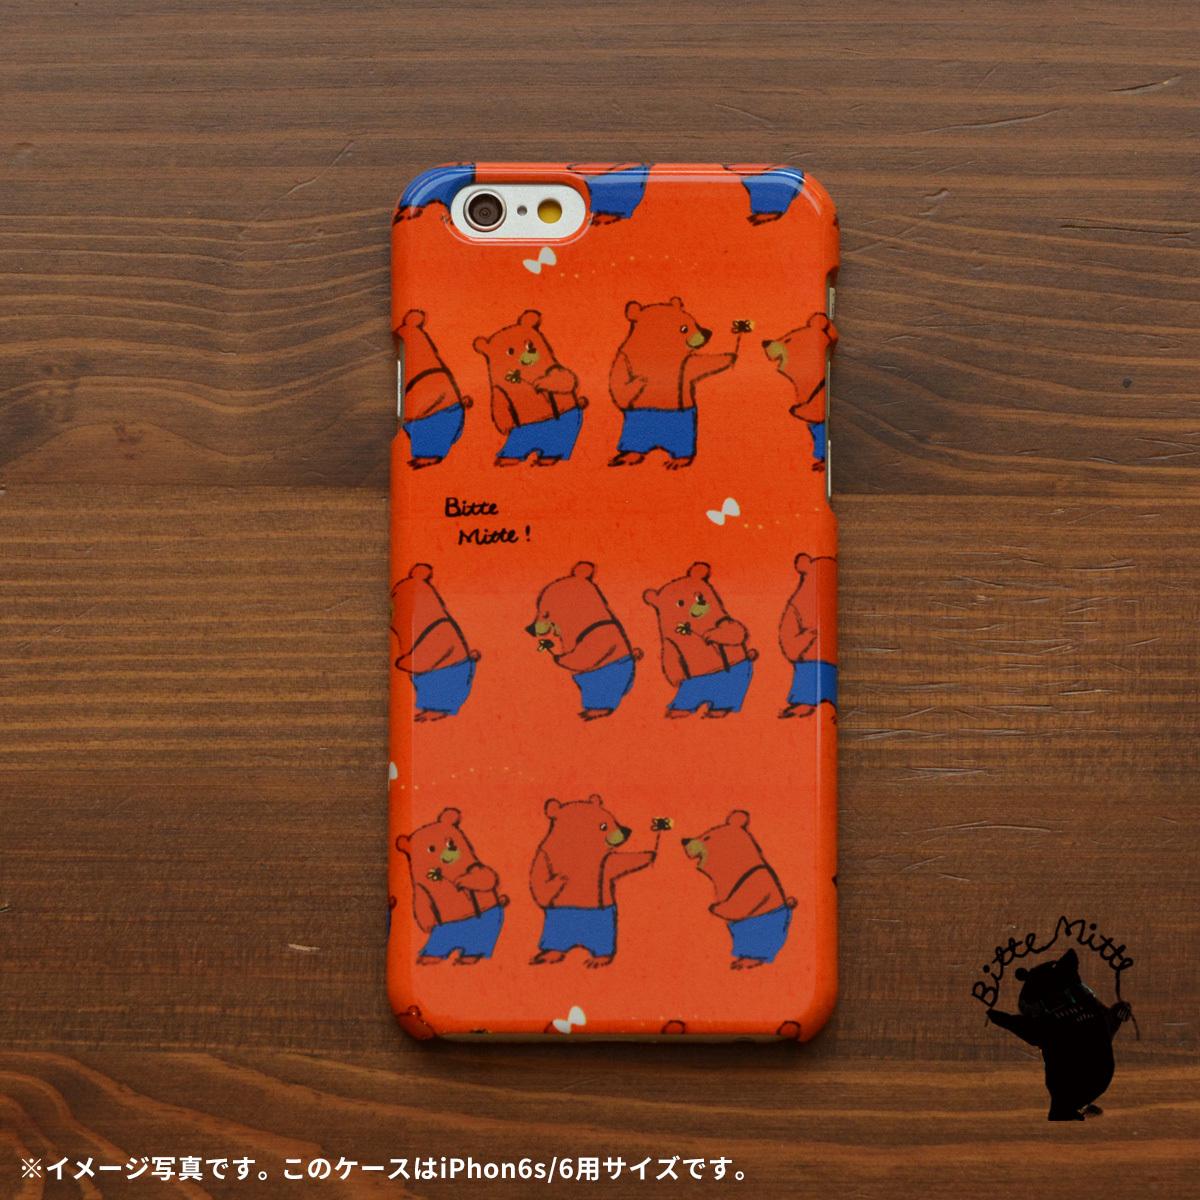 【限定色】iphone5c ケース ハードケース アイフォン5c ケース ハード iphone5c ケース キラキラ かわいい くま クマ お裾分け/Bitte Mitte!